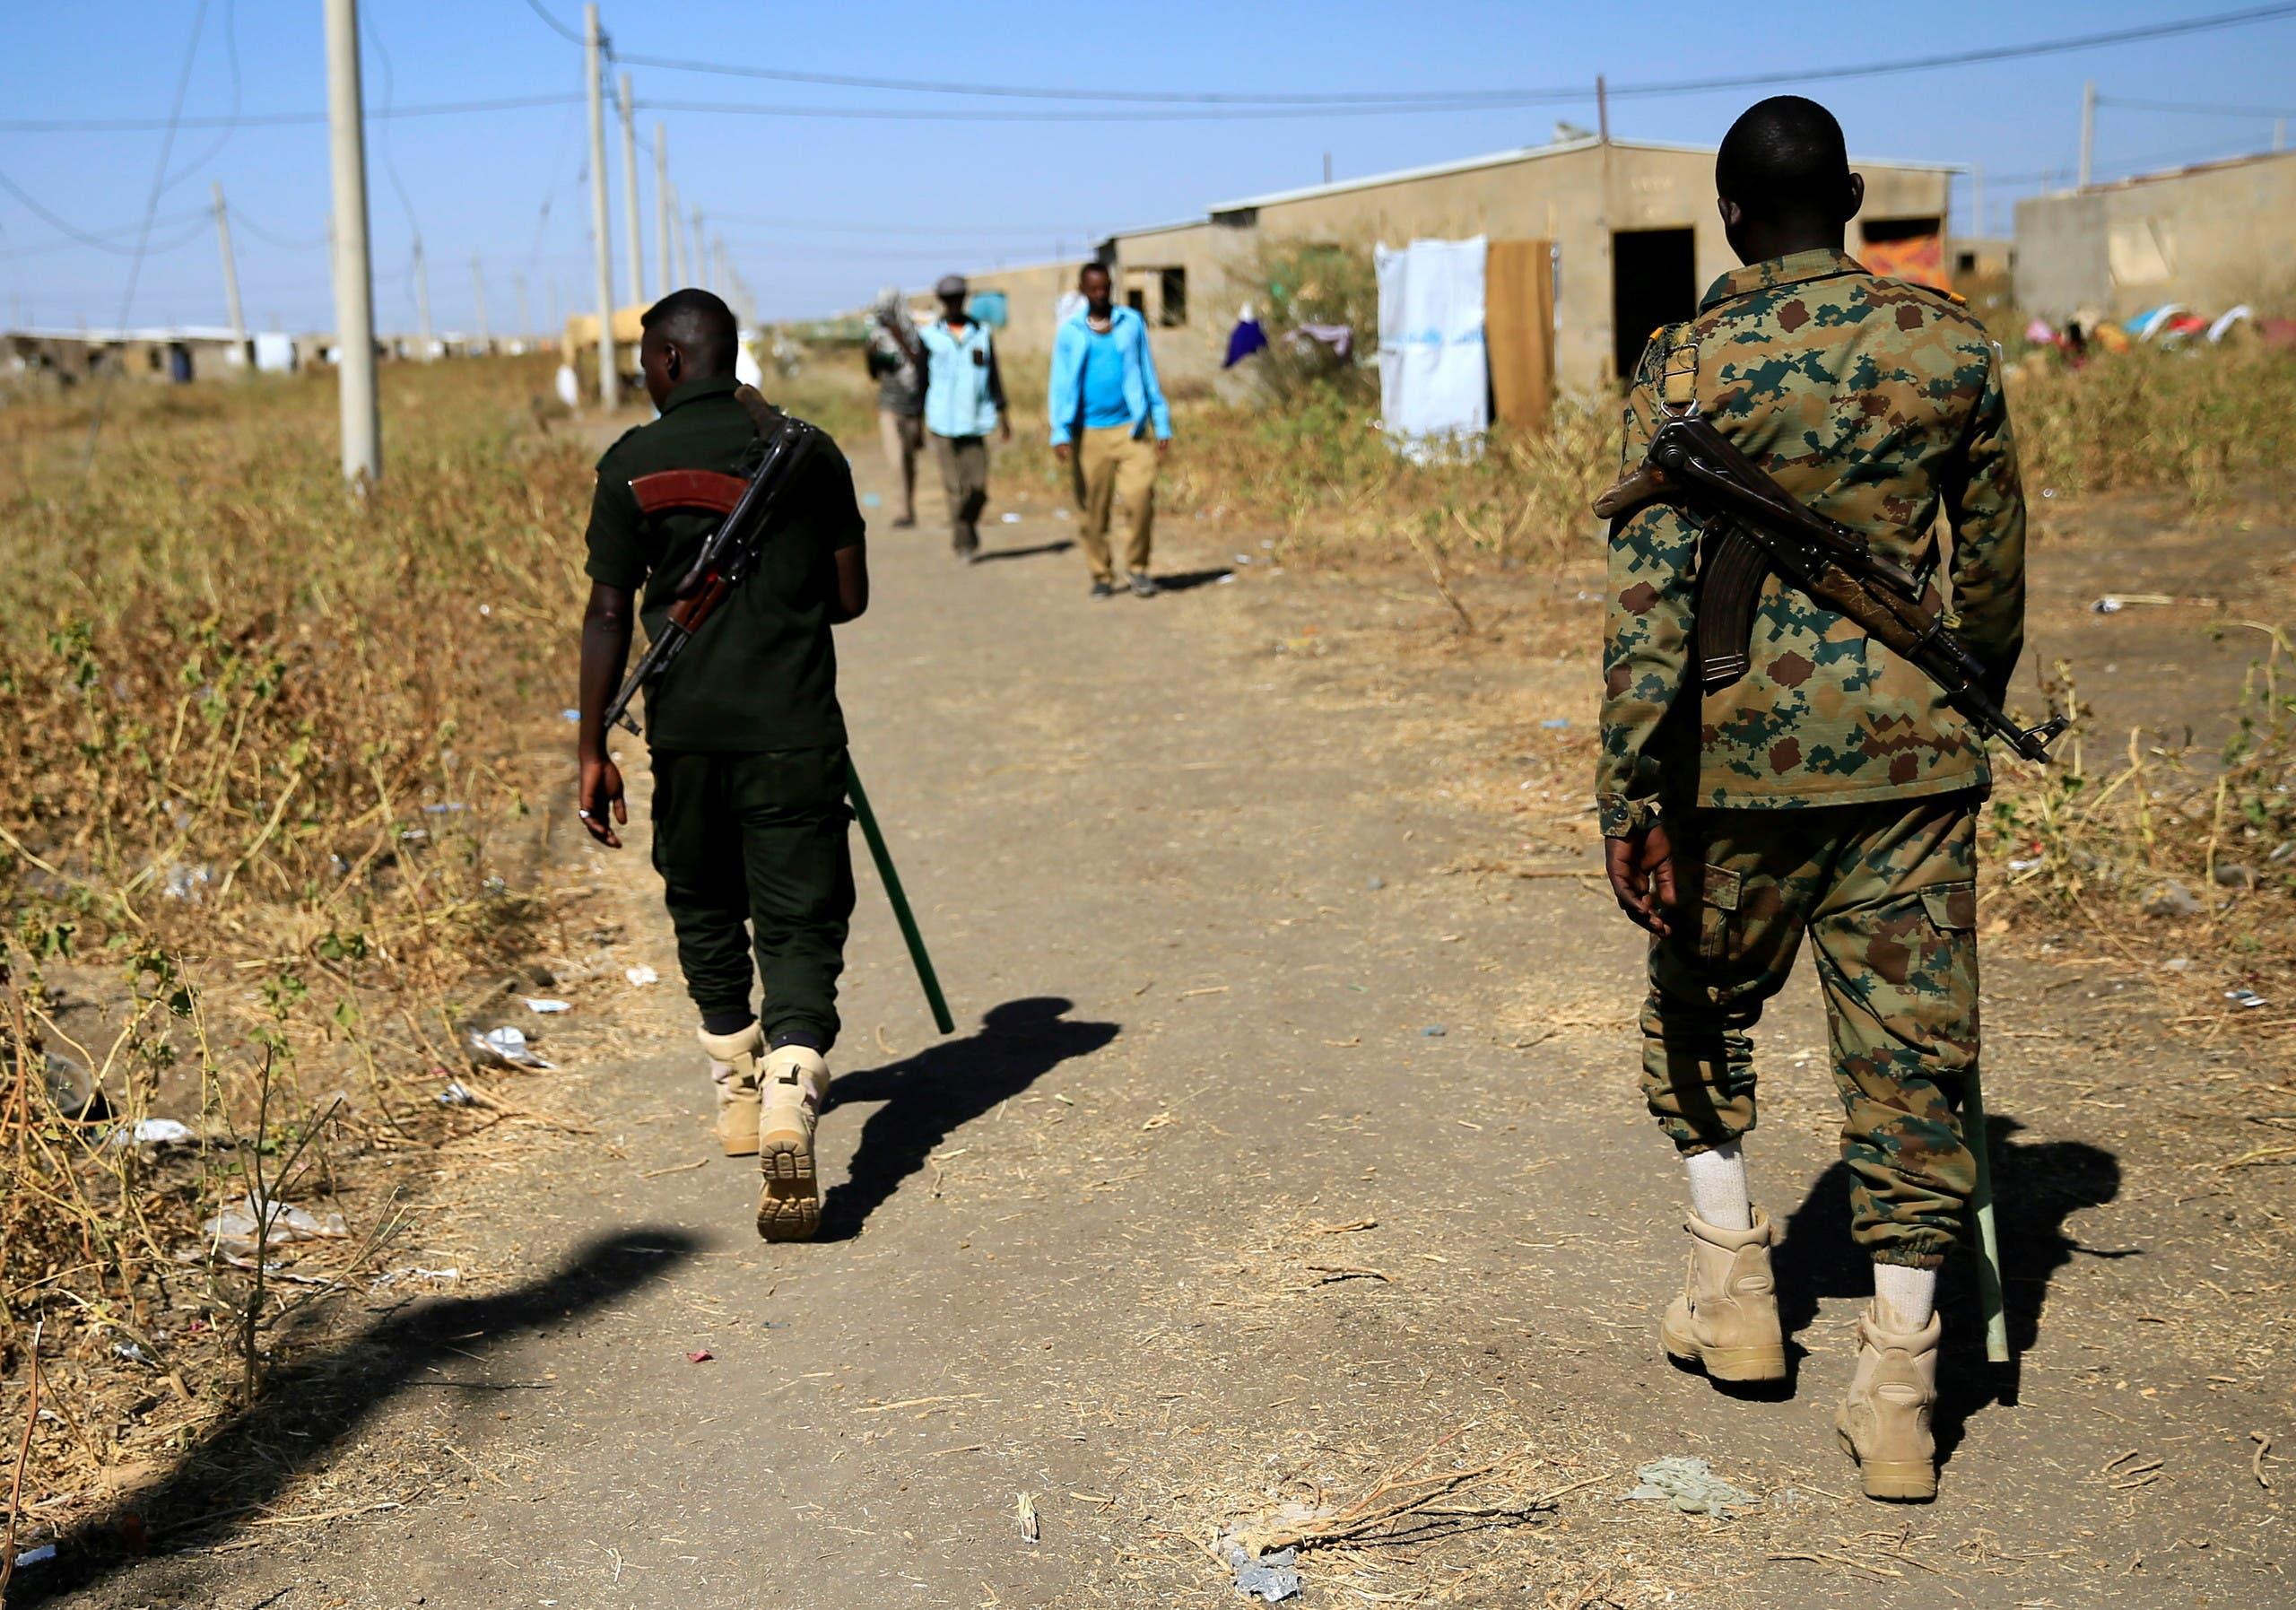 ضباط الأمن السودانيون يقومون بدوريات أثناء مشاهدة اللاجئين الإثيوبيين الذين فروا من تيغراي في مخيم فاشاغا على الحدود السودانية الإثيوبية في ولاية كسلا يوم 13 ديسمبر 2020